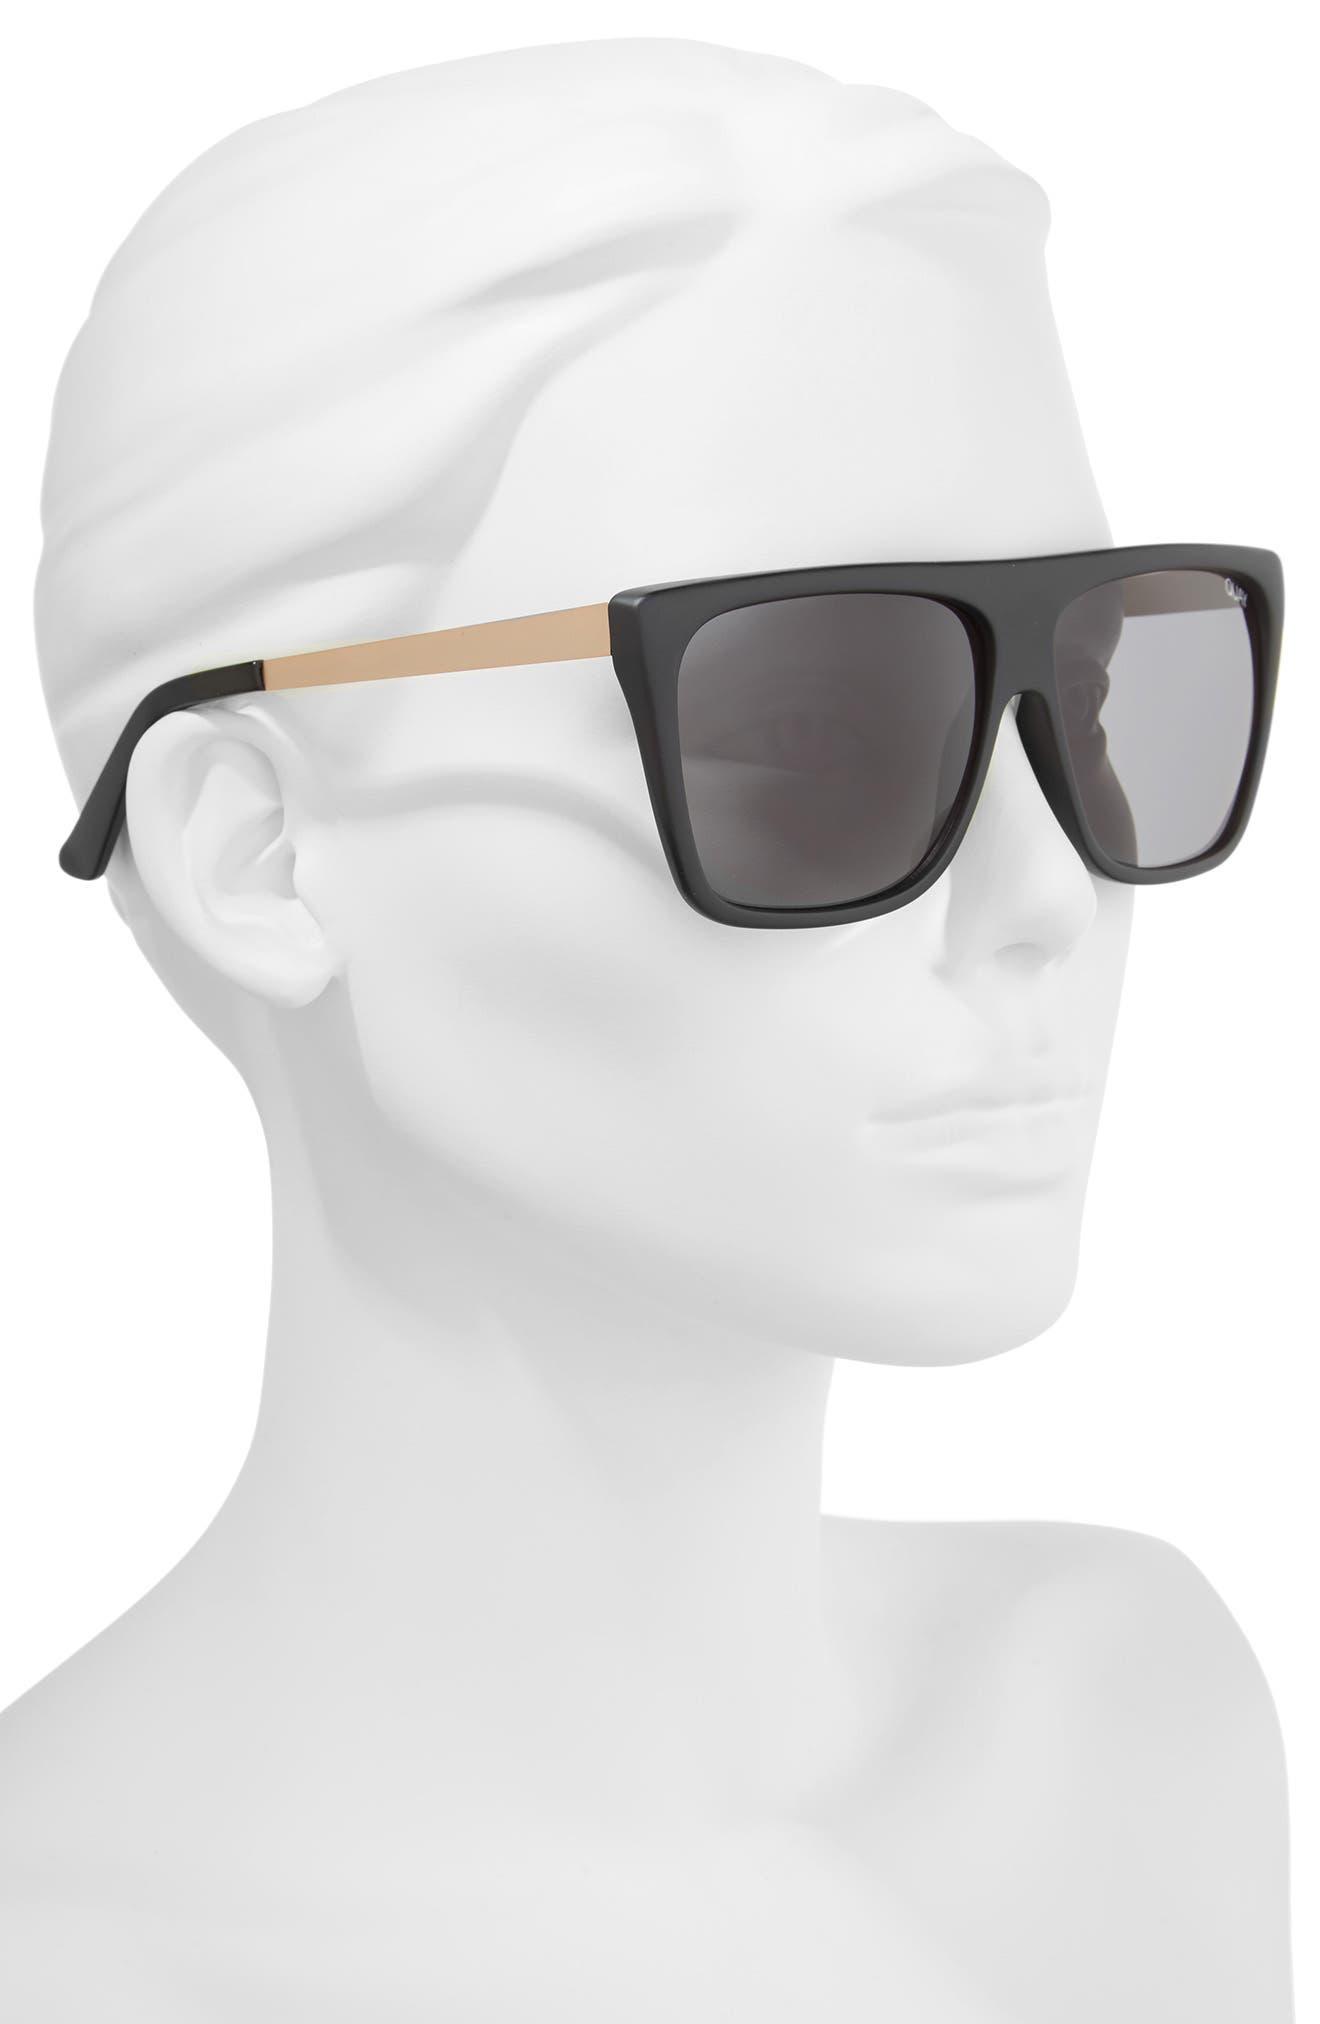 x Desi Perkins On the Low 60mm Square Sunglasses,                             Alternate thumbnail 2, color,                             BLACK/ SMOKE